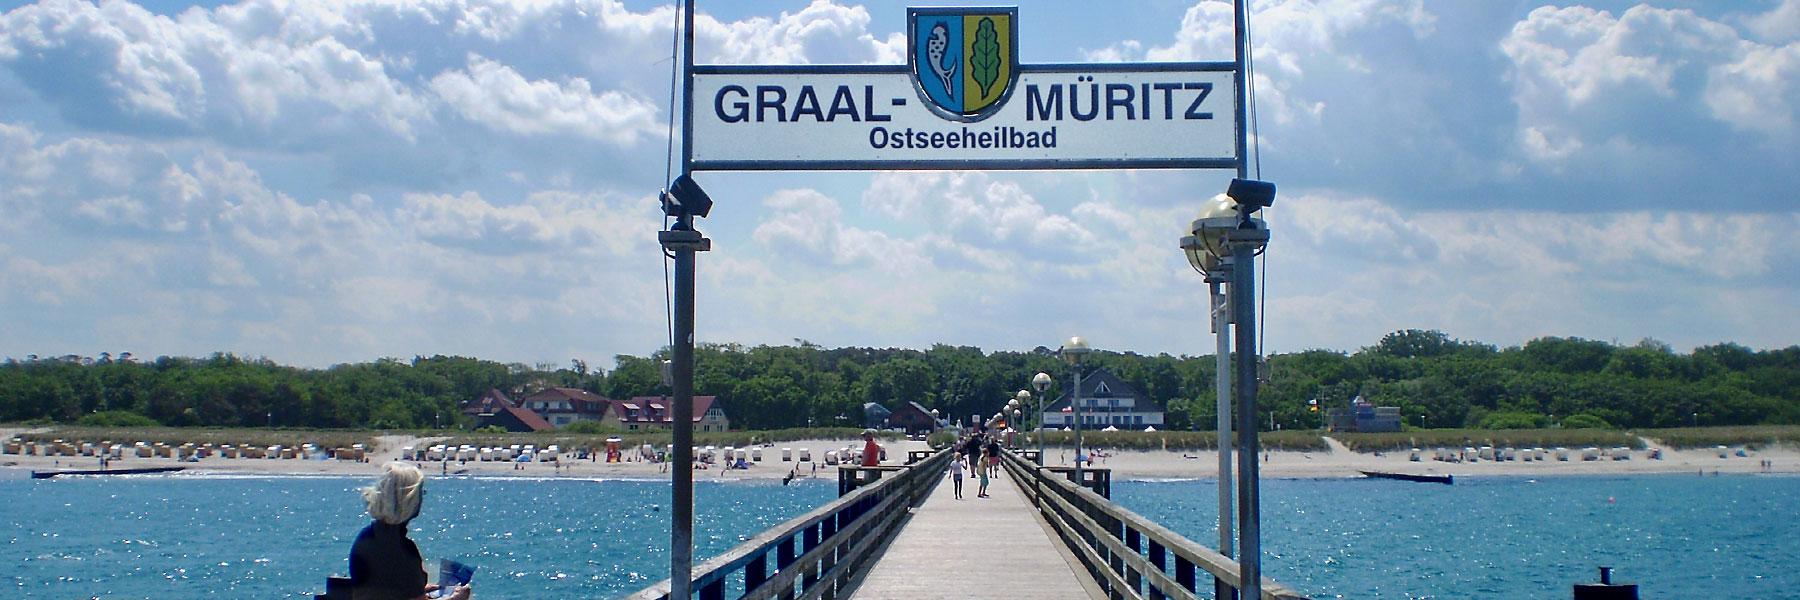 Seebrücke - Graal-Müritz